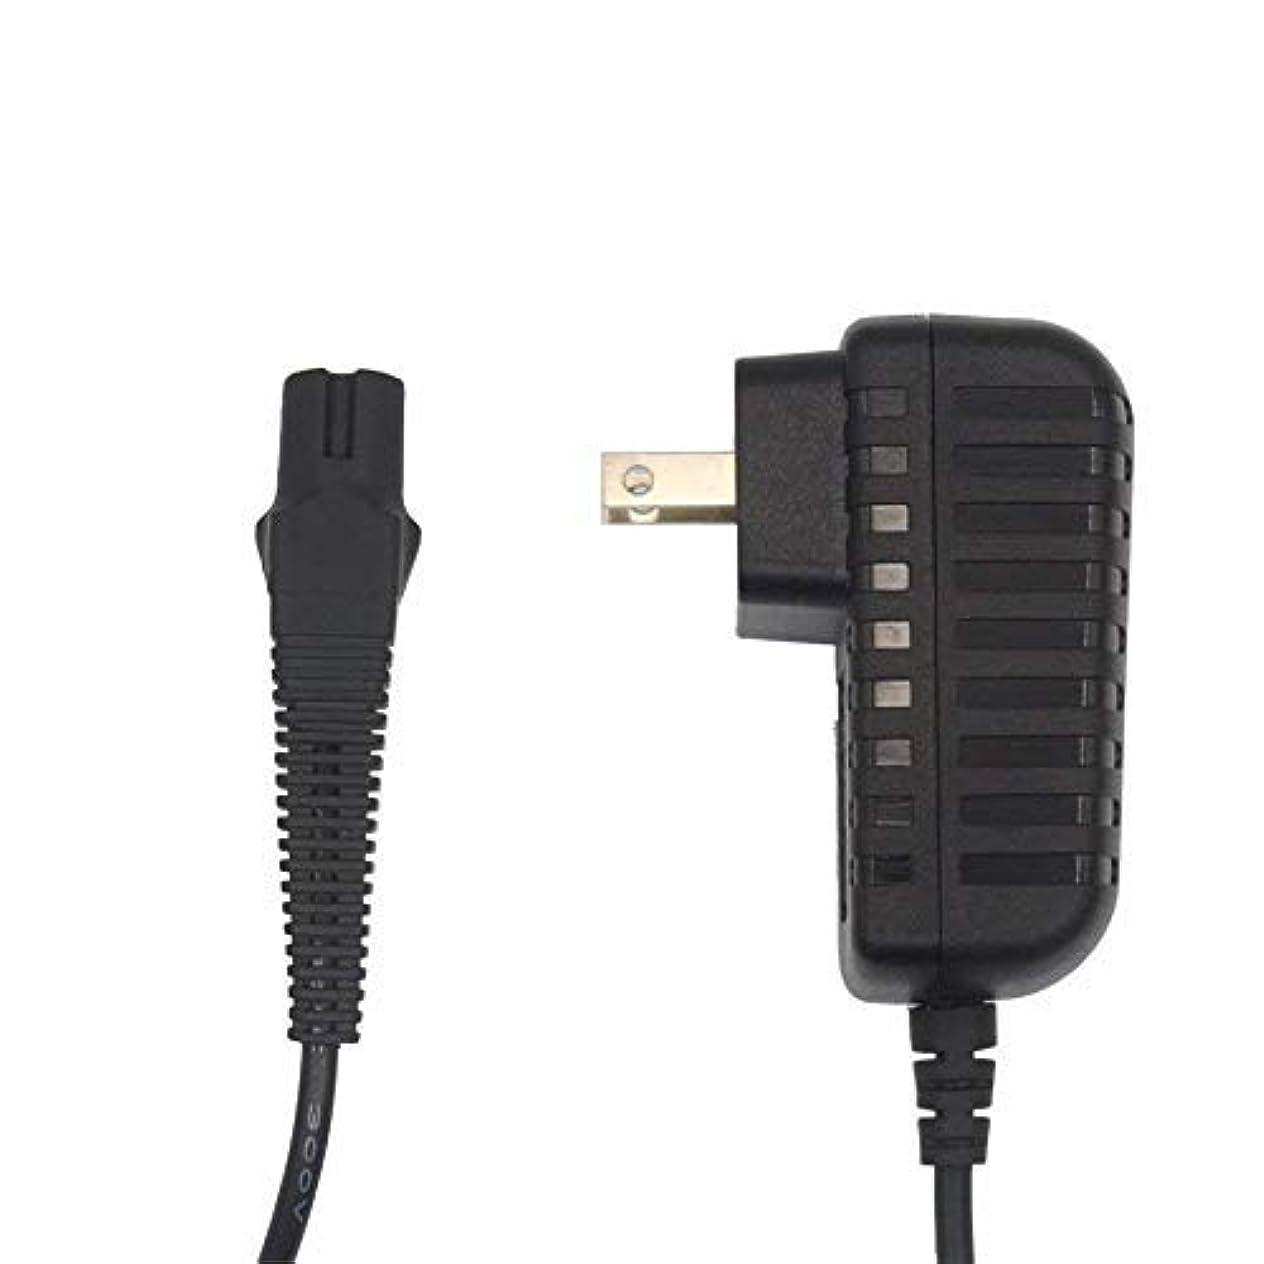 持つ運営ヤギシェーバー対応 ブラウン髭剃り ACアダプター 電源 充電器12V 400mA Braun Razor シリーズ 対応 シェーバー 電源 アダプター(アメリカ標準)